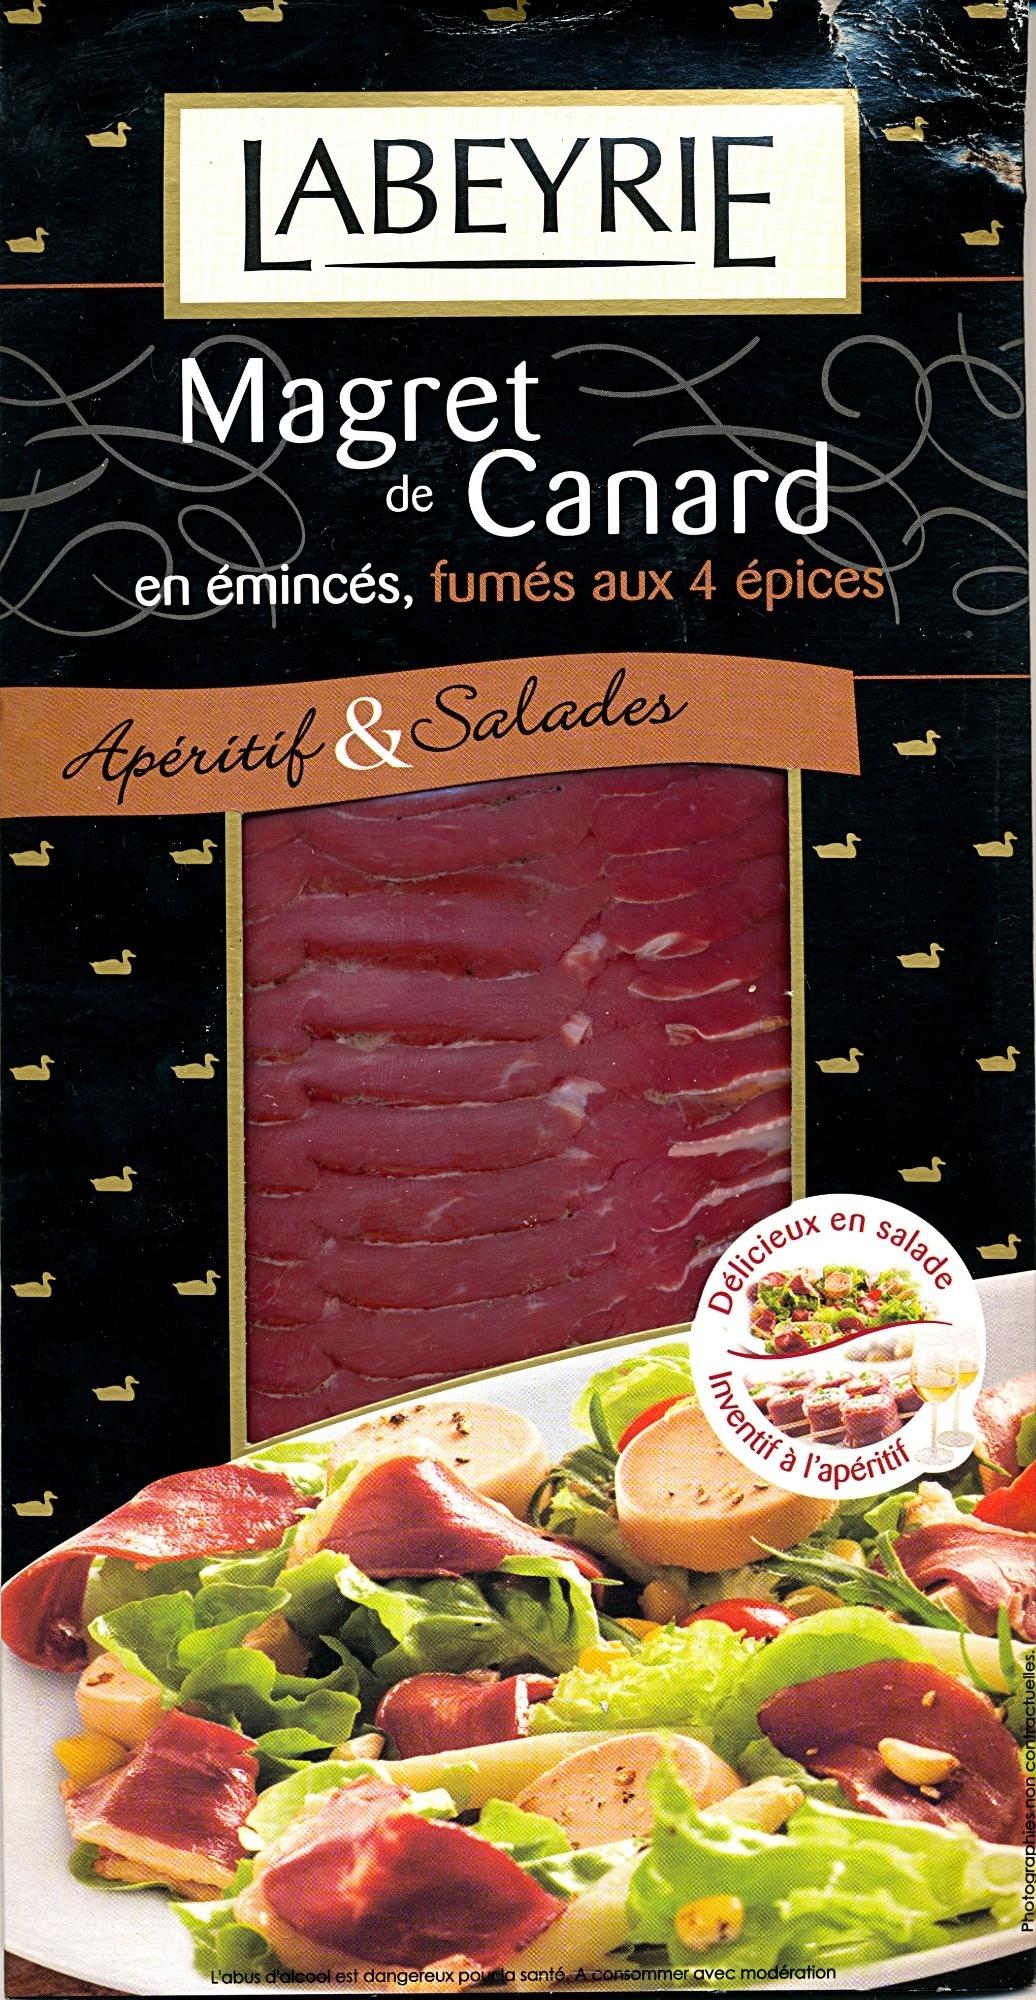 Magret de Carnard en émincés, fumés aux 4 épices - Produit - fr